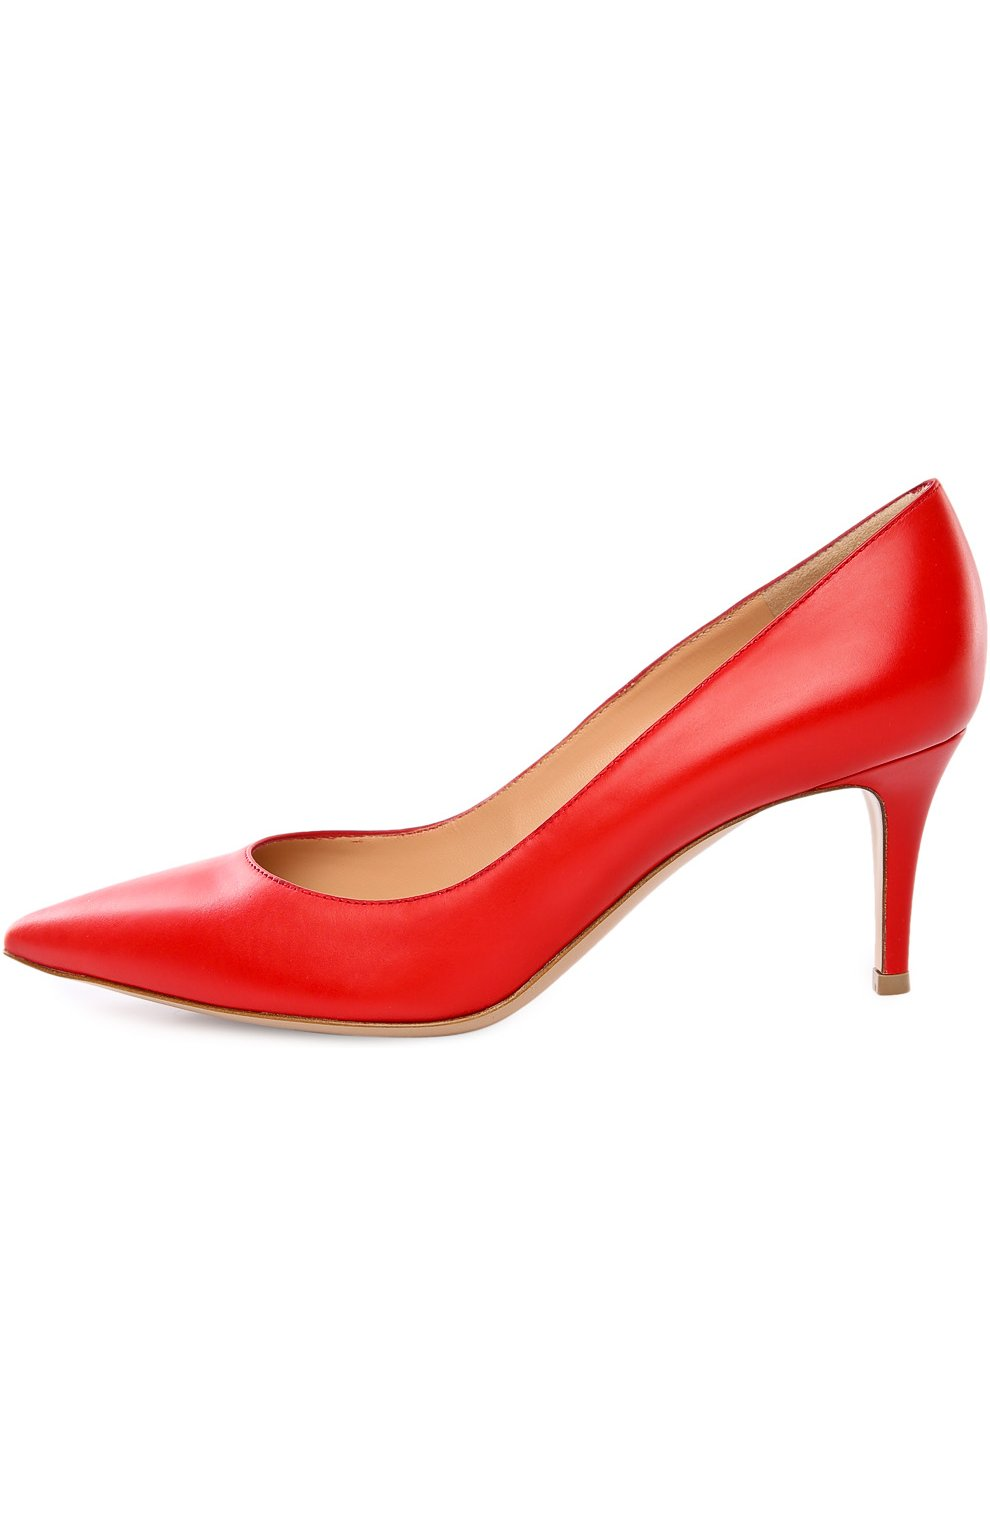 Кожаные туфли Gianvito 70 на шпильке | Фото №1